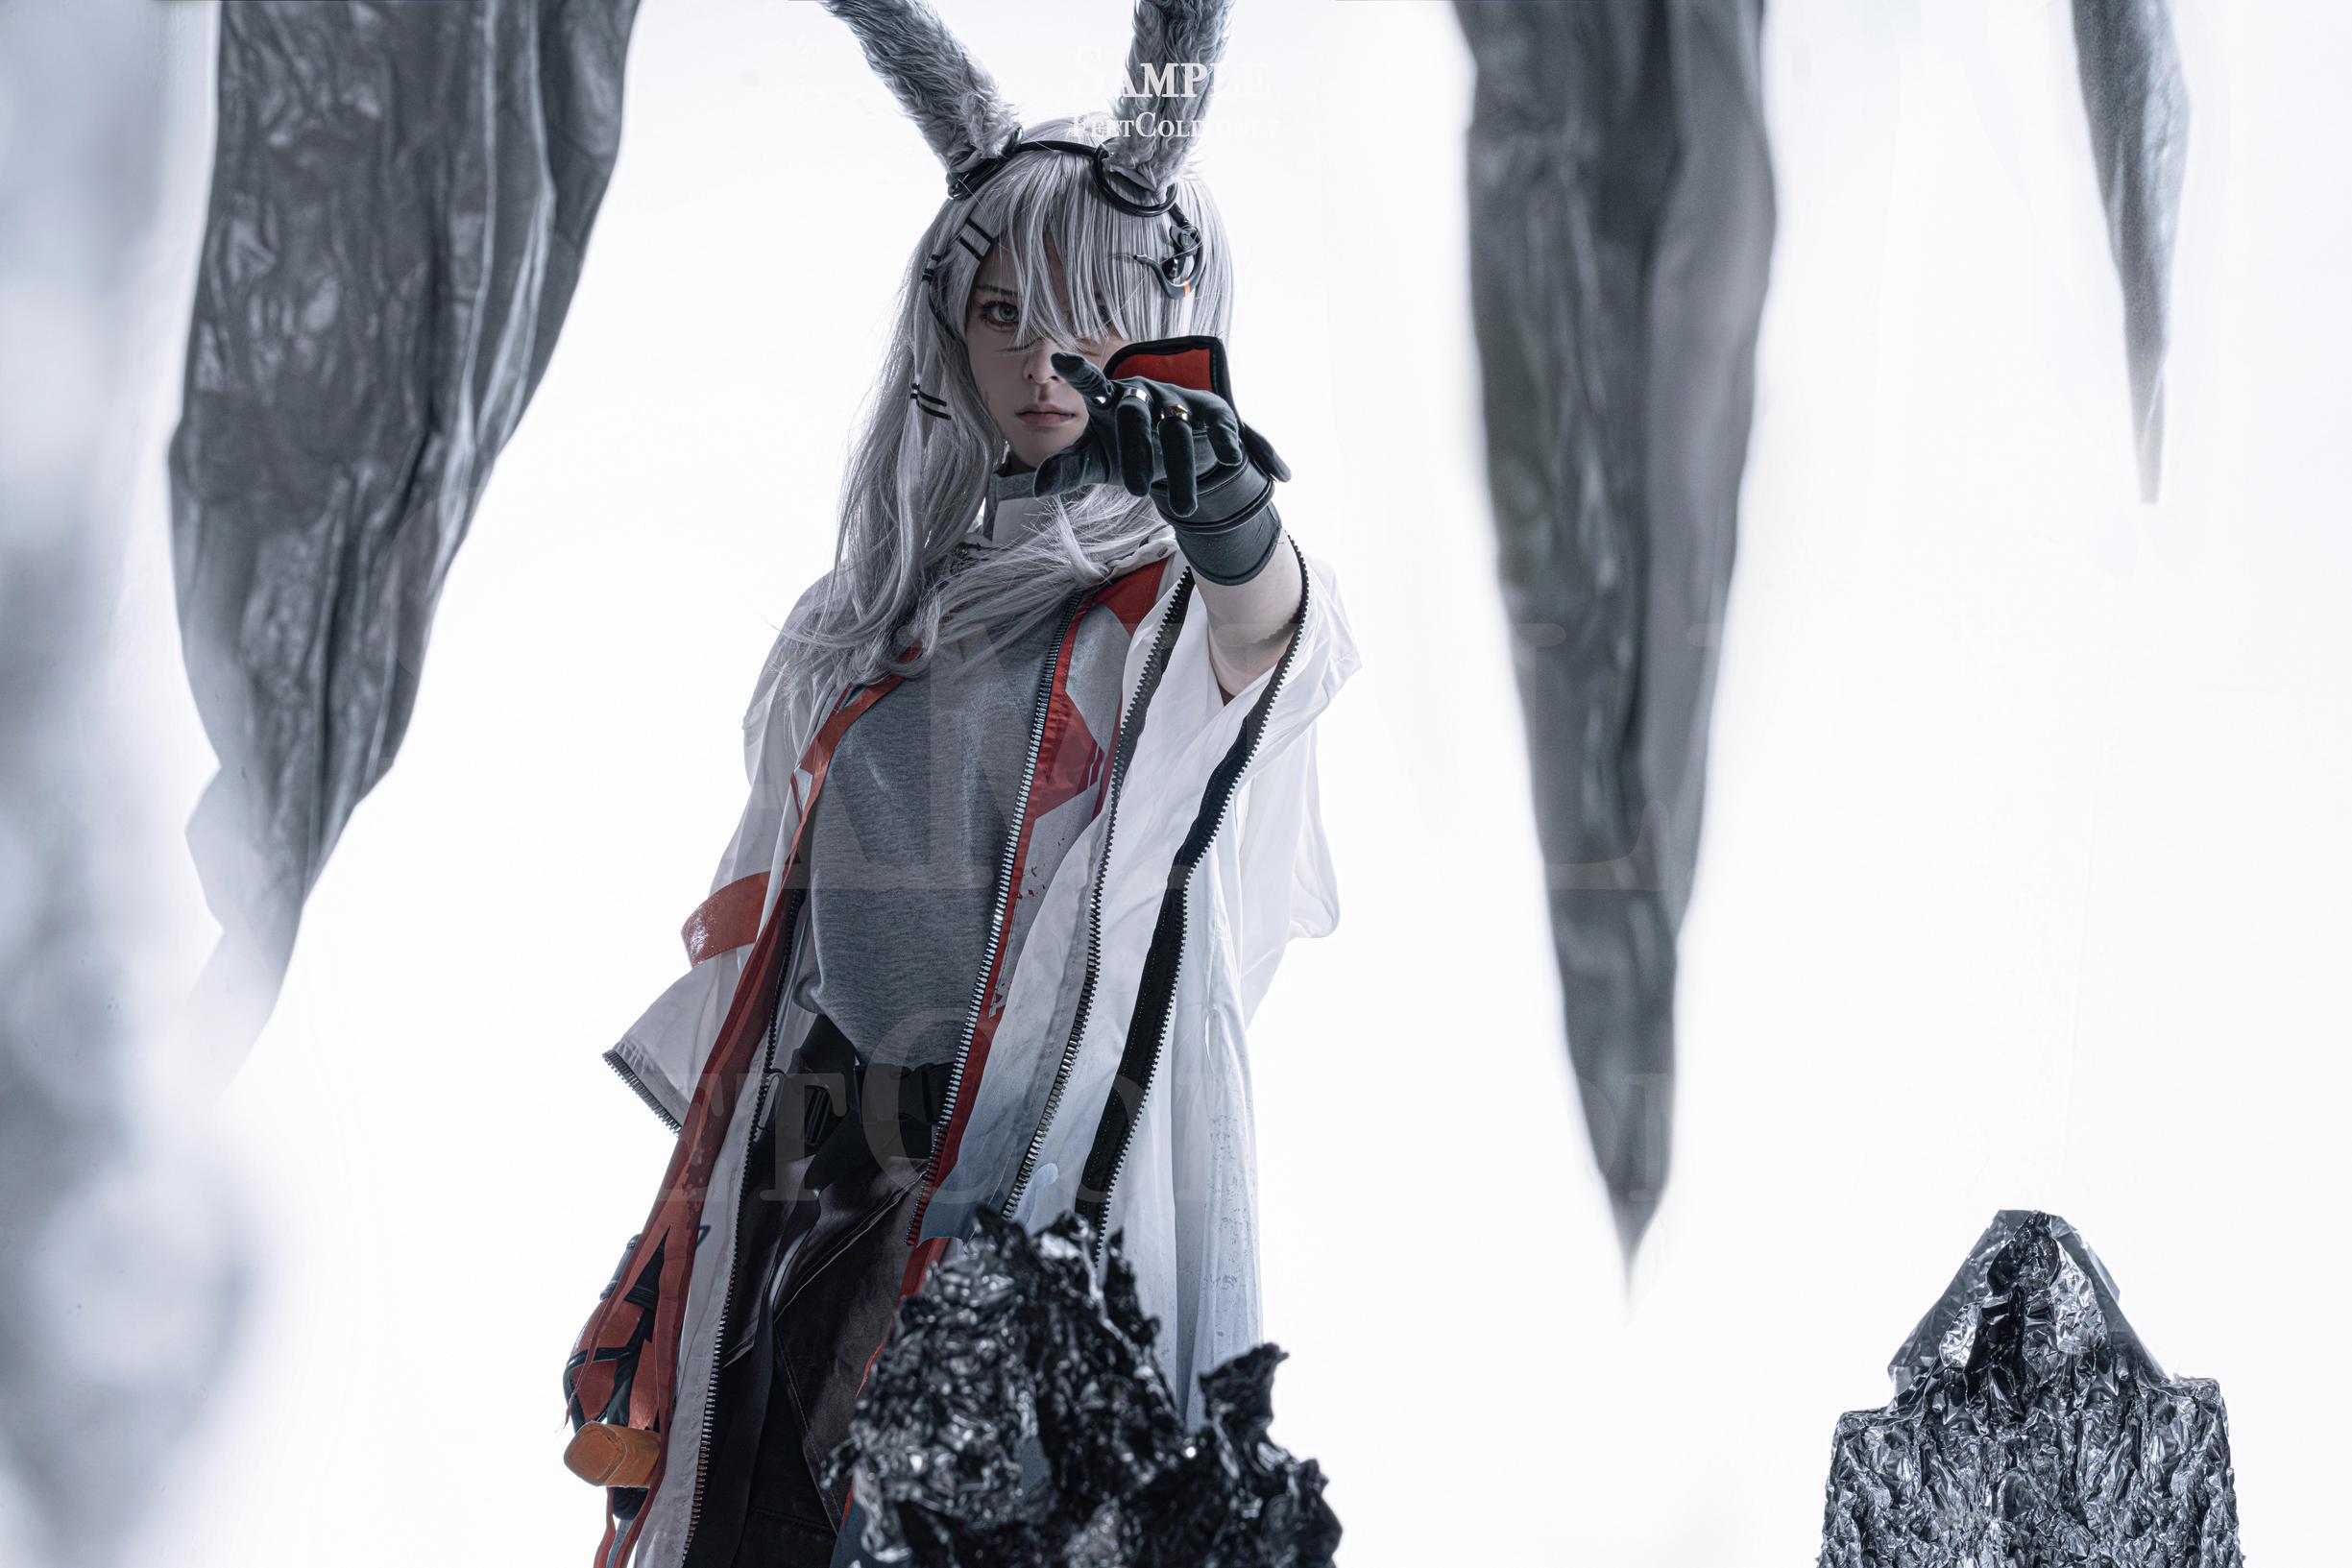 《明日方舟》正片cosplay【CN:-爵冷-】-第1张